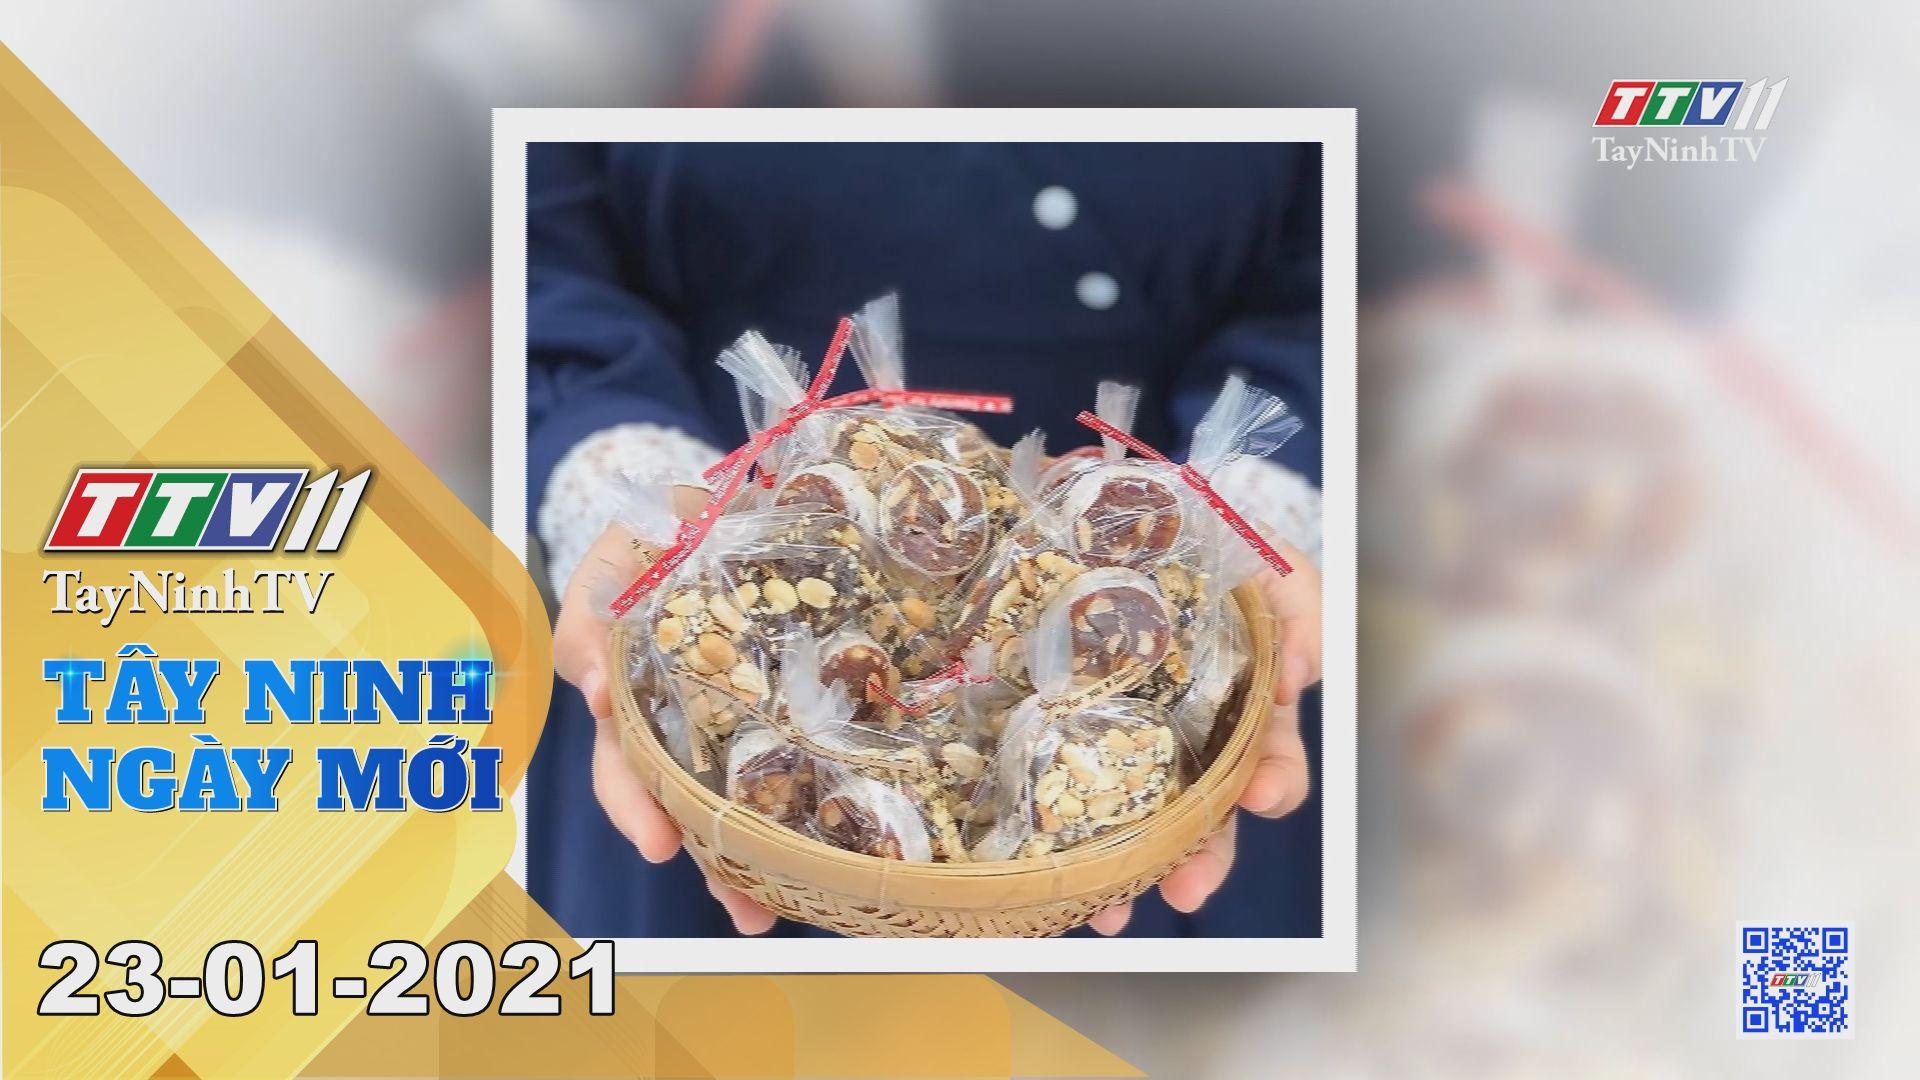 Tây Ninh Ngày Mới 23-01-2021 | Tin tức hôm nay | TayNinhTV